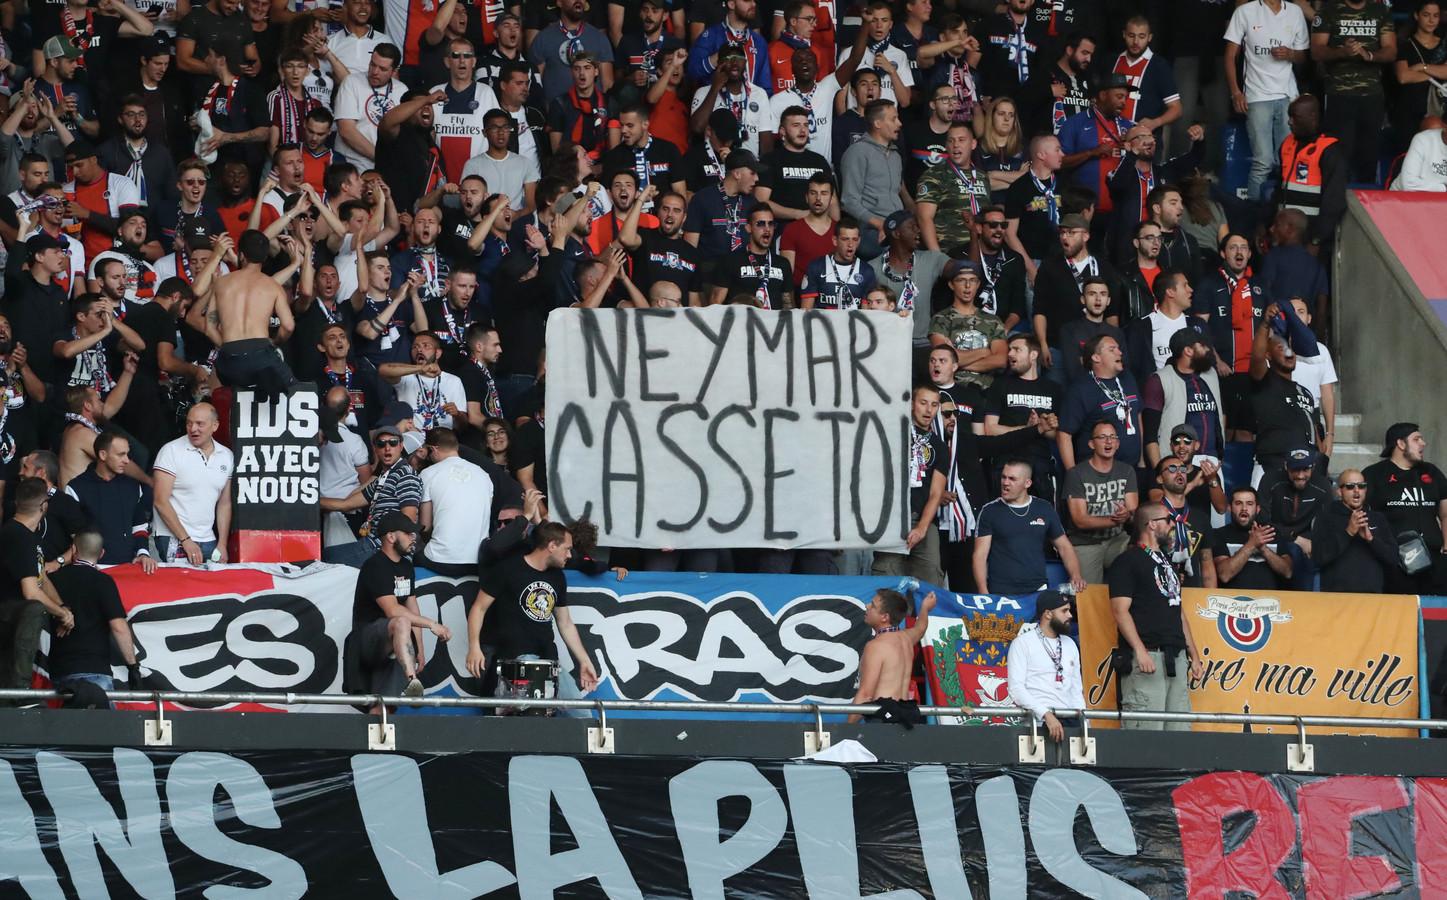 De spandoeken tijdens het duel tussen PSG en Nimes waarin Neymar vriendelijk wordt verzocht te vertrekken